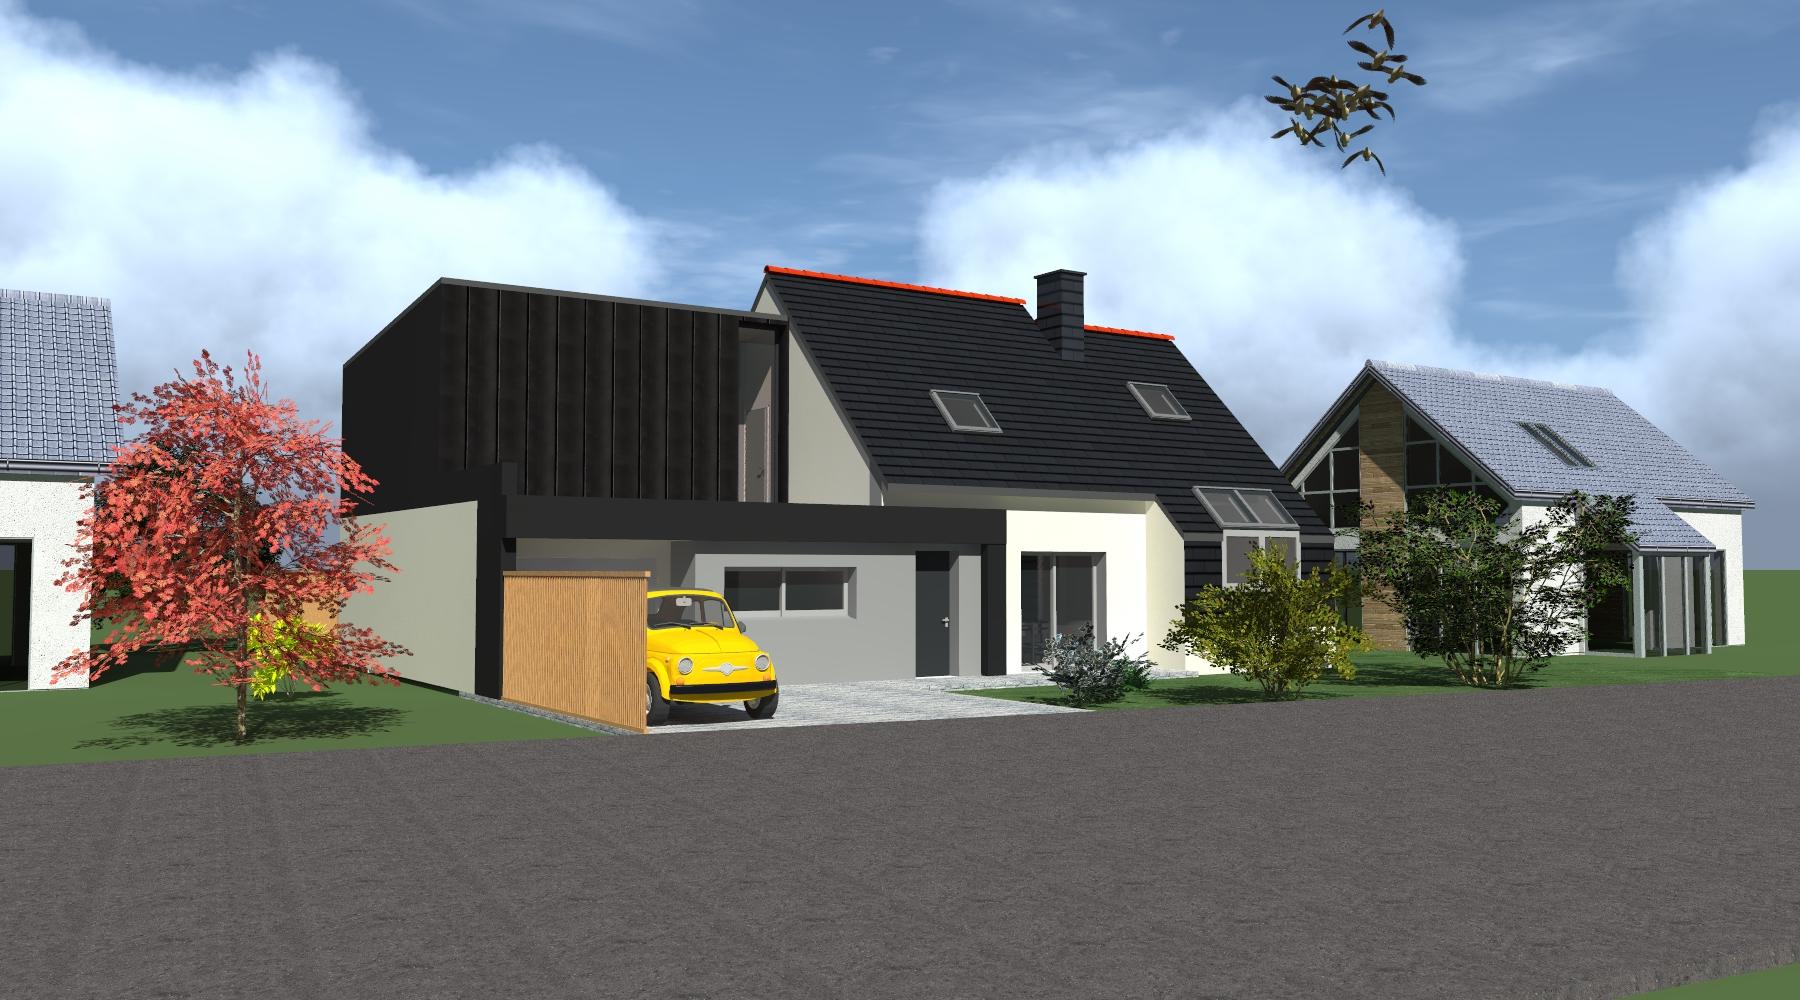 Constructeur De Maison Chartres extension rénovation maison - 1.2 vue – architecte - lise